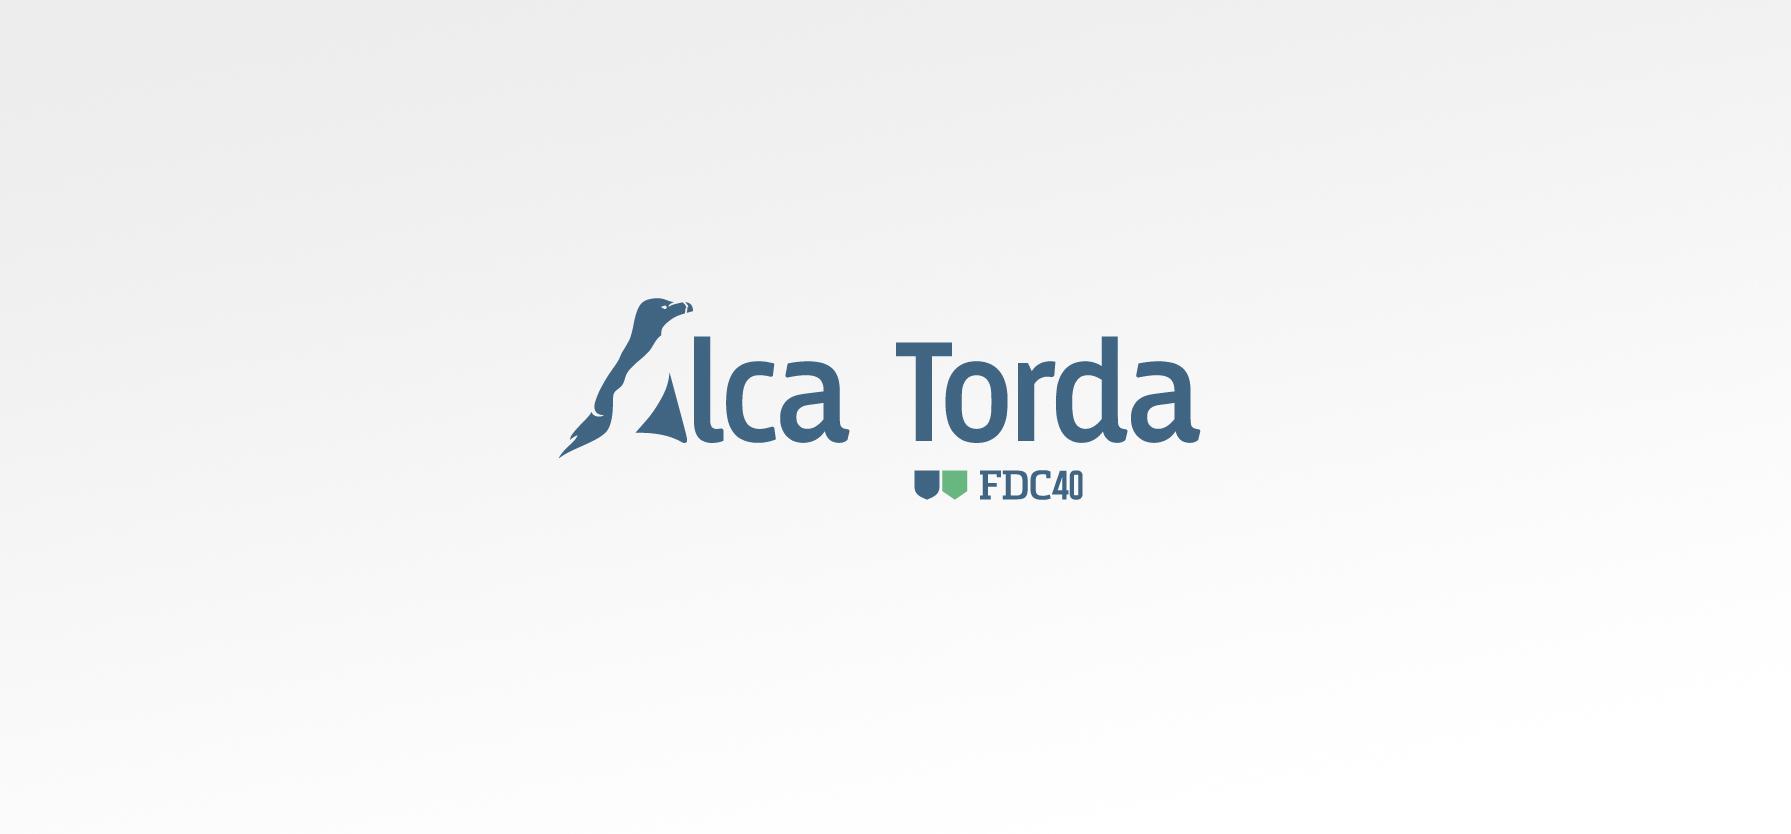 alca_torda_identite_graphique-02